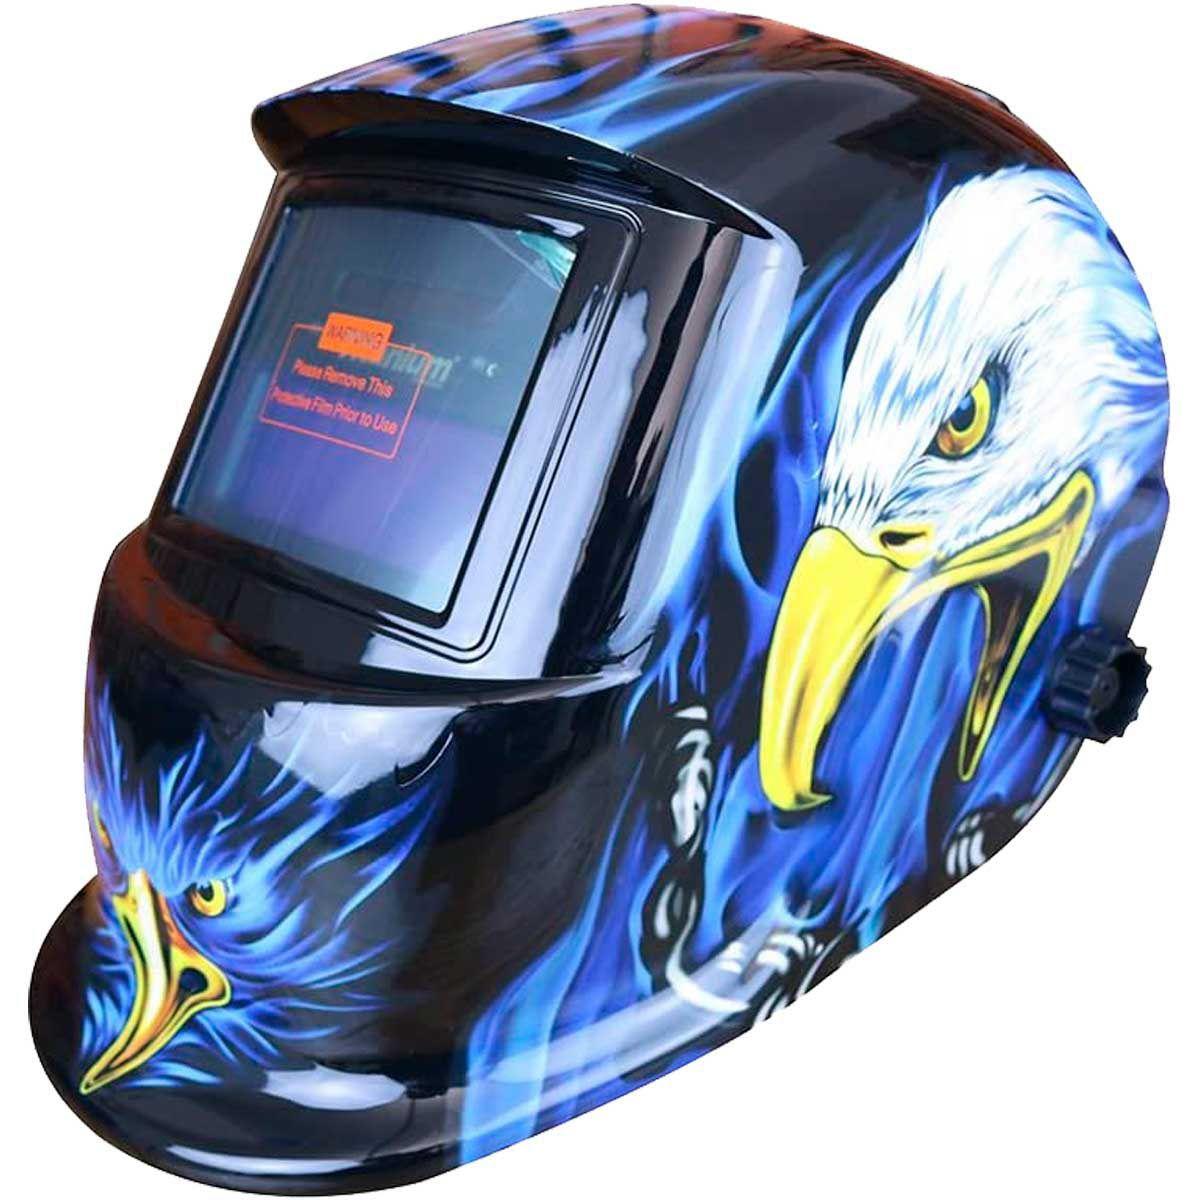 Máscara de Solda Automática Tonalidade 11 Fixa - Águia - Titanium